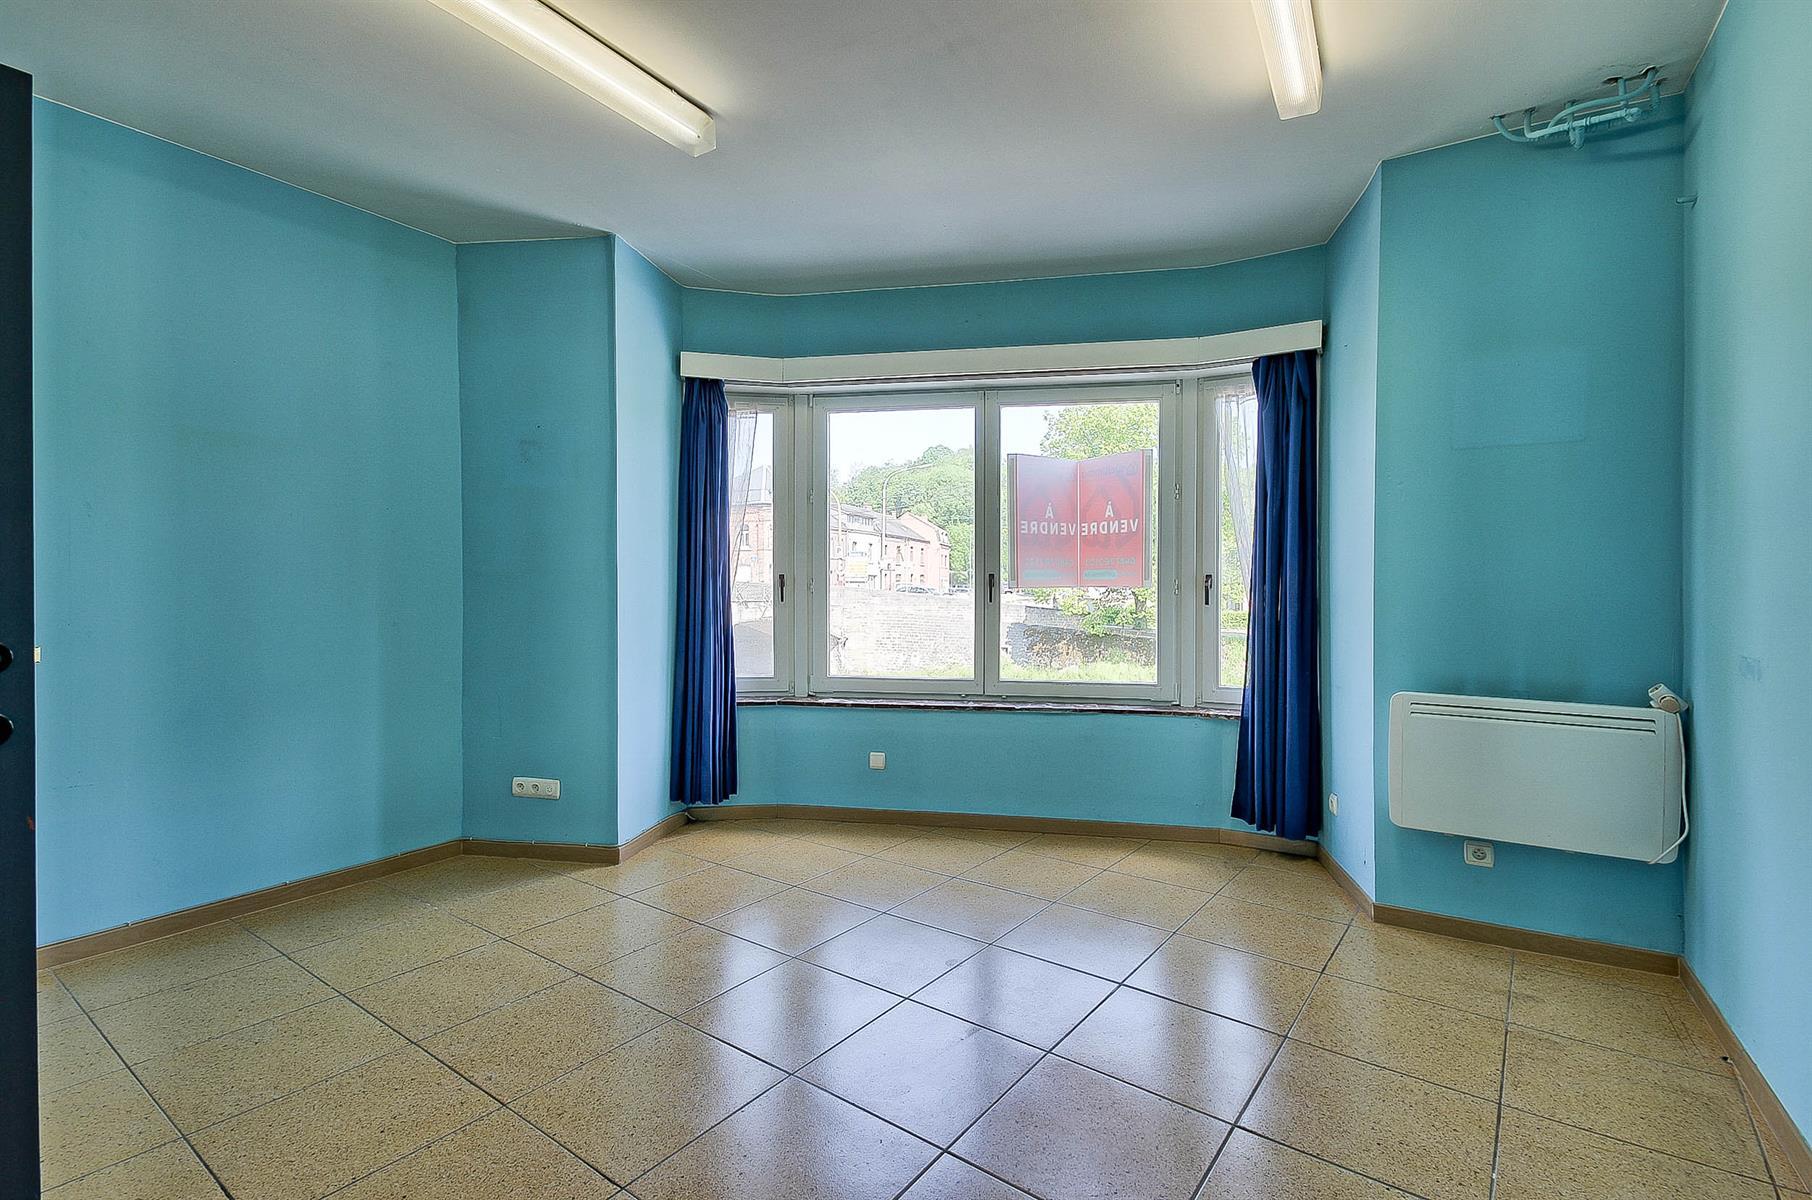 Appartement - Rochefort - #4350387-14